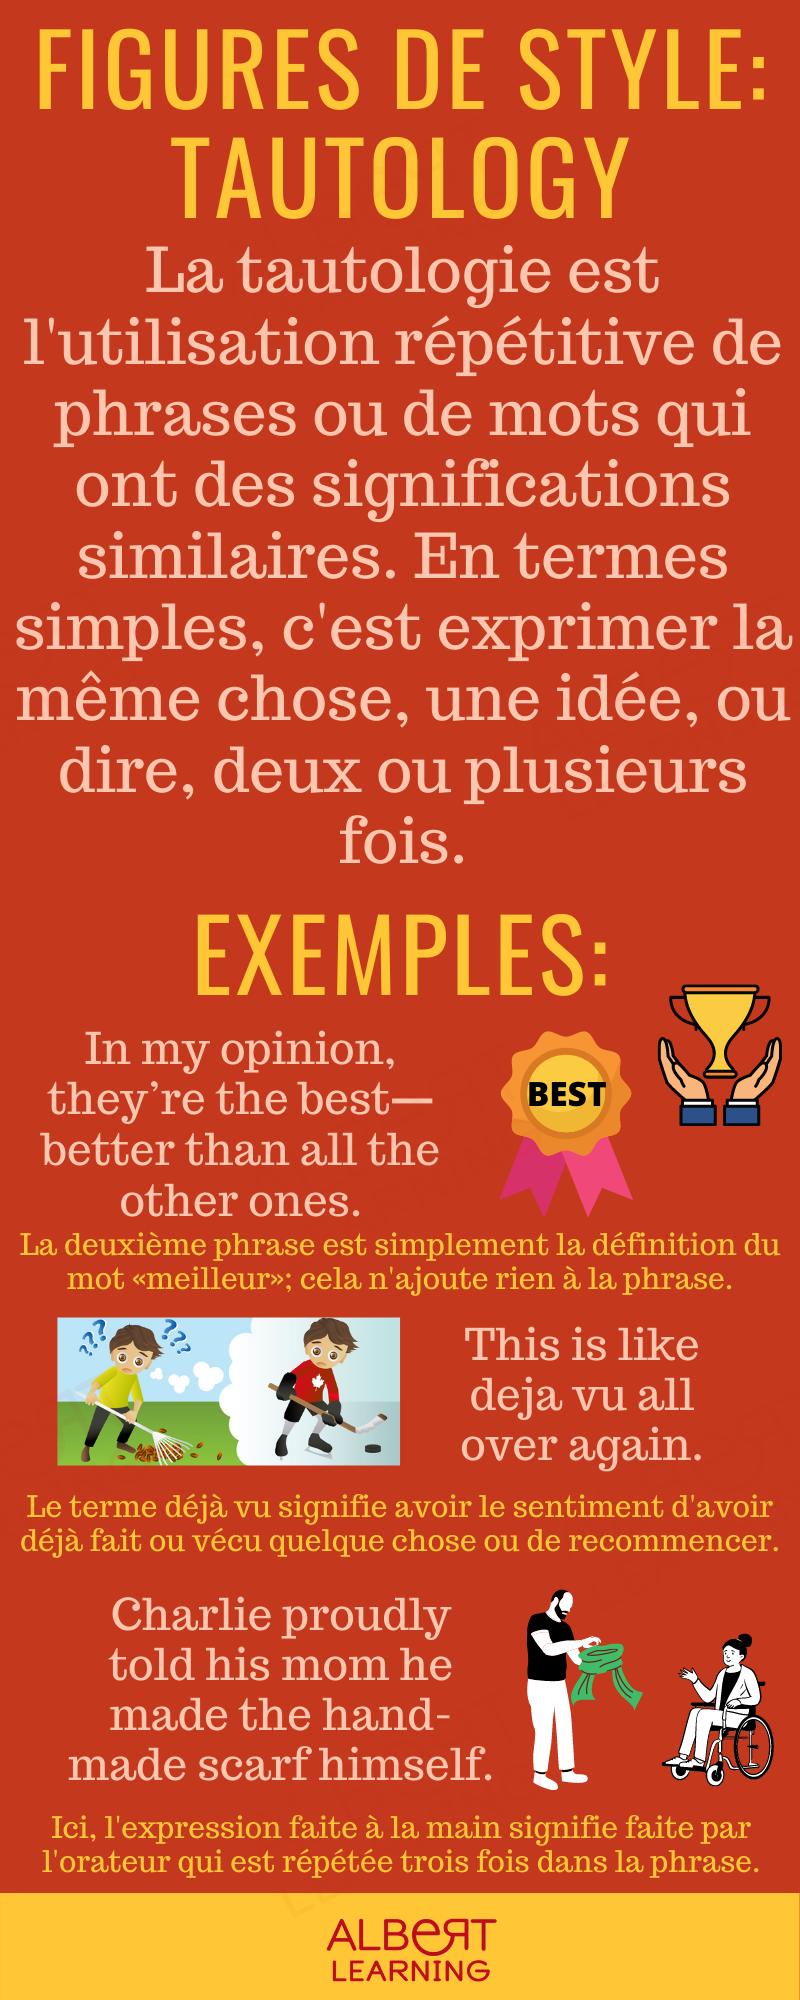 Qui Plus Est En Anglais : anglais, Figures, Style:, Tautology, Apprendre, L'anglais,, Langue,, L'anglais, Ligne